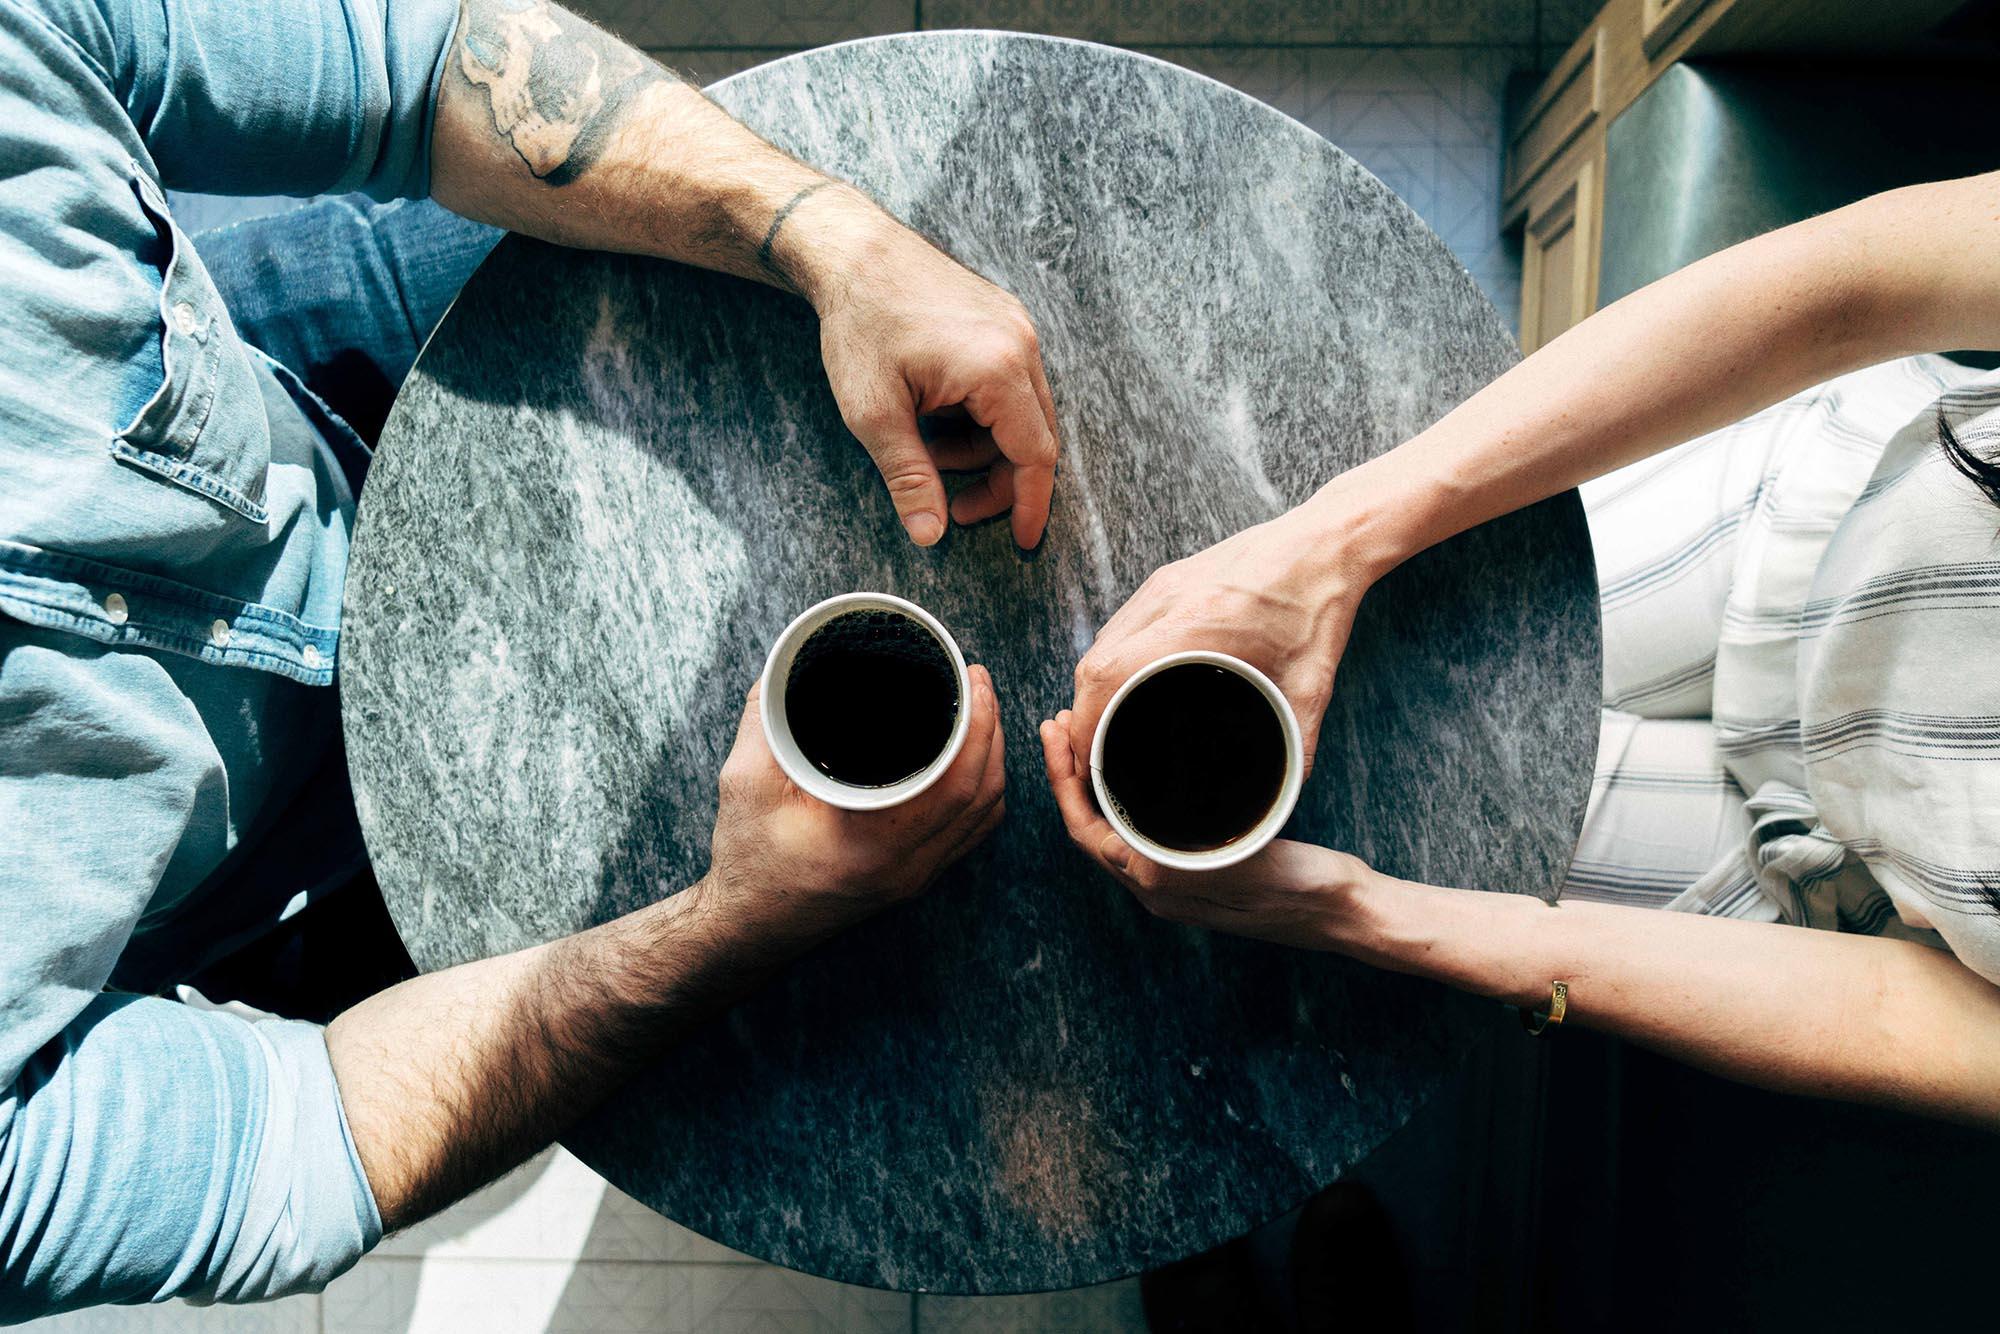 Podľa voľby kávy sa dá odhadnúť osobnosť